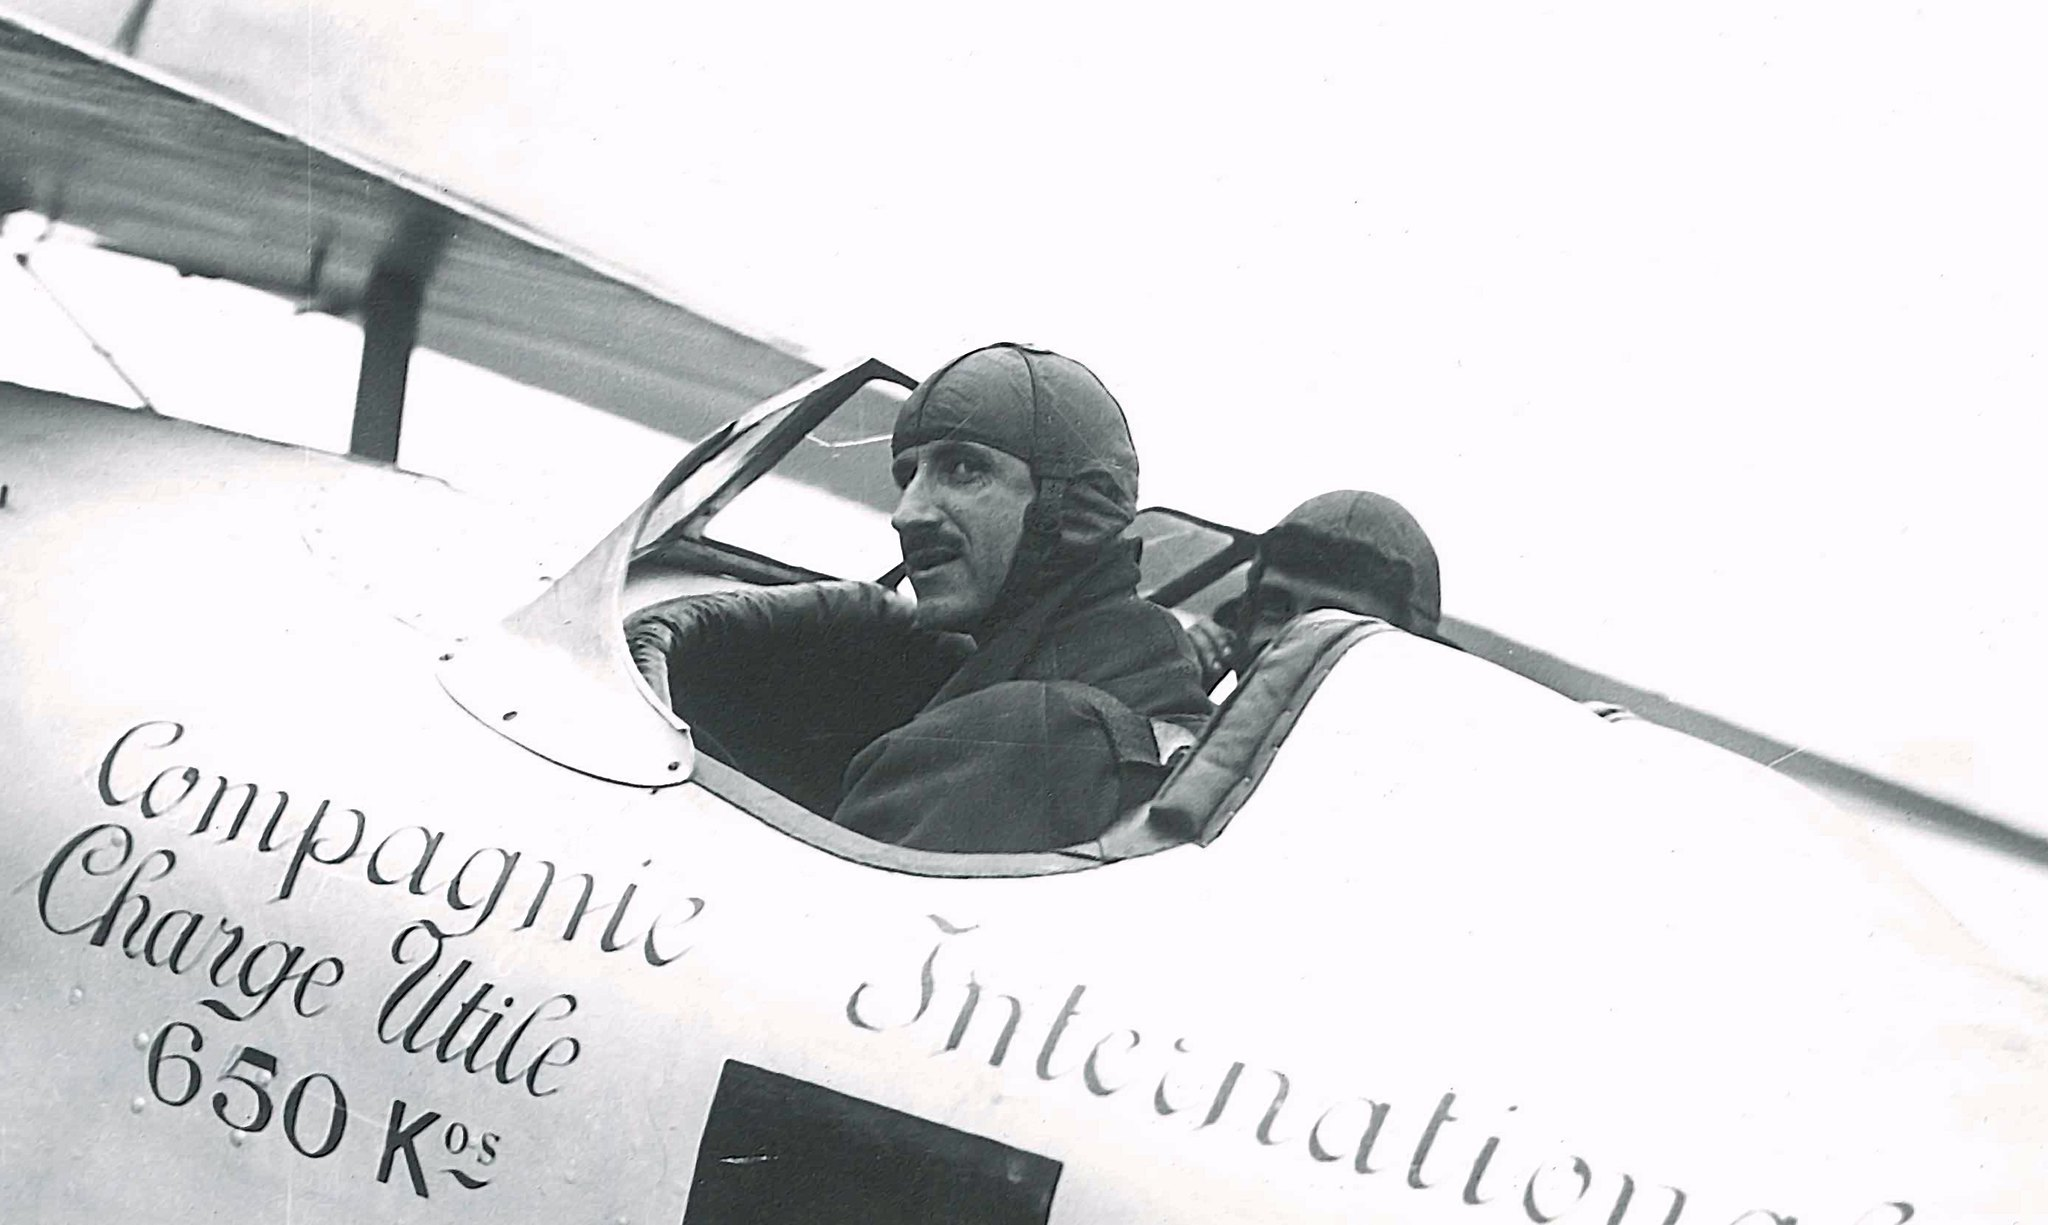 Maurice Noguès (1889 - 1934): Muž, jenž jako první létal noční lety s cestujícími - kopie